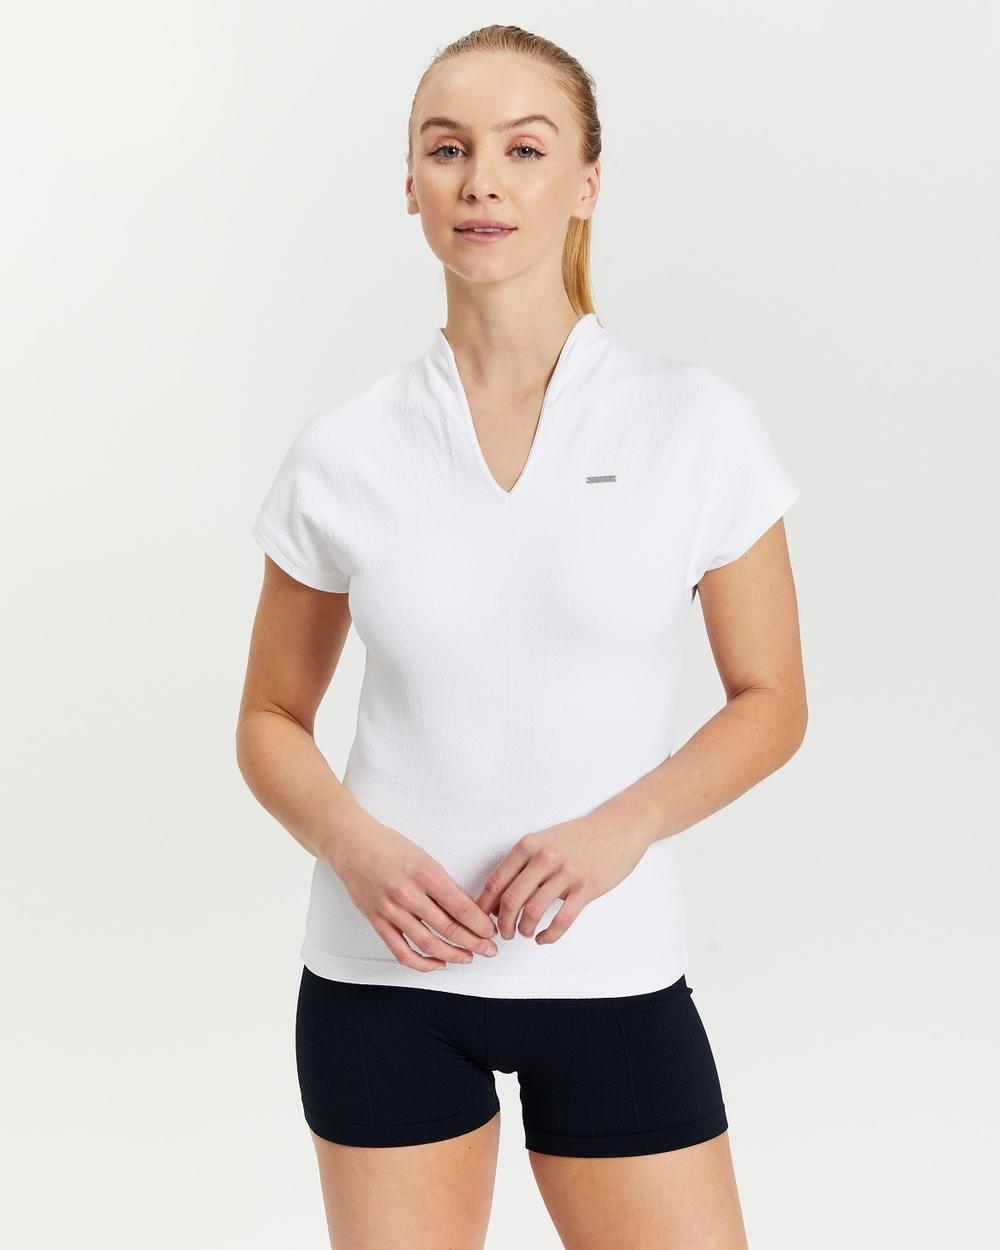 Aim'n Luxe Seamless Polo Shirt Short Sleeve T-Shirts White